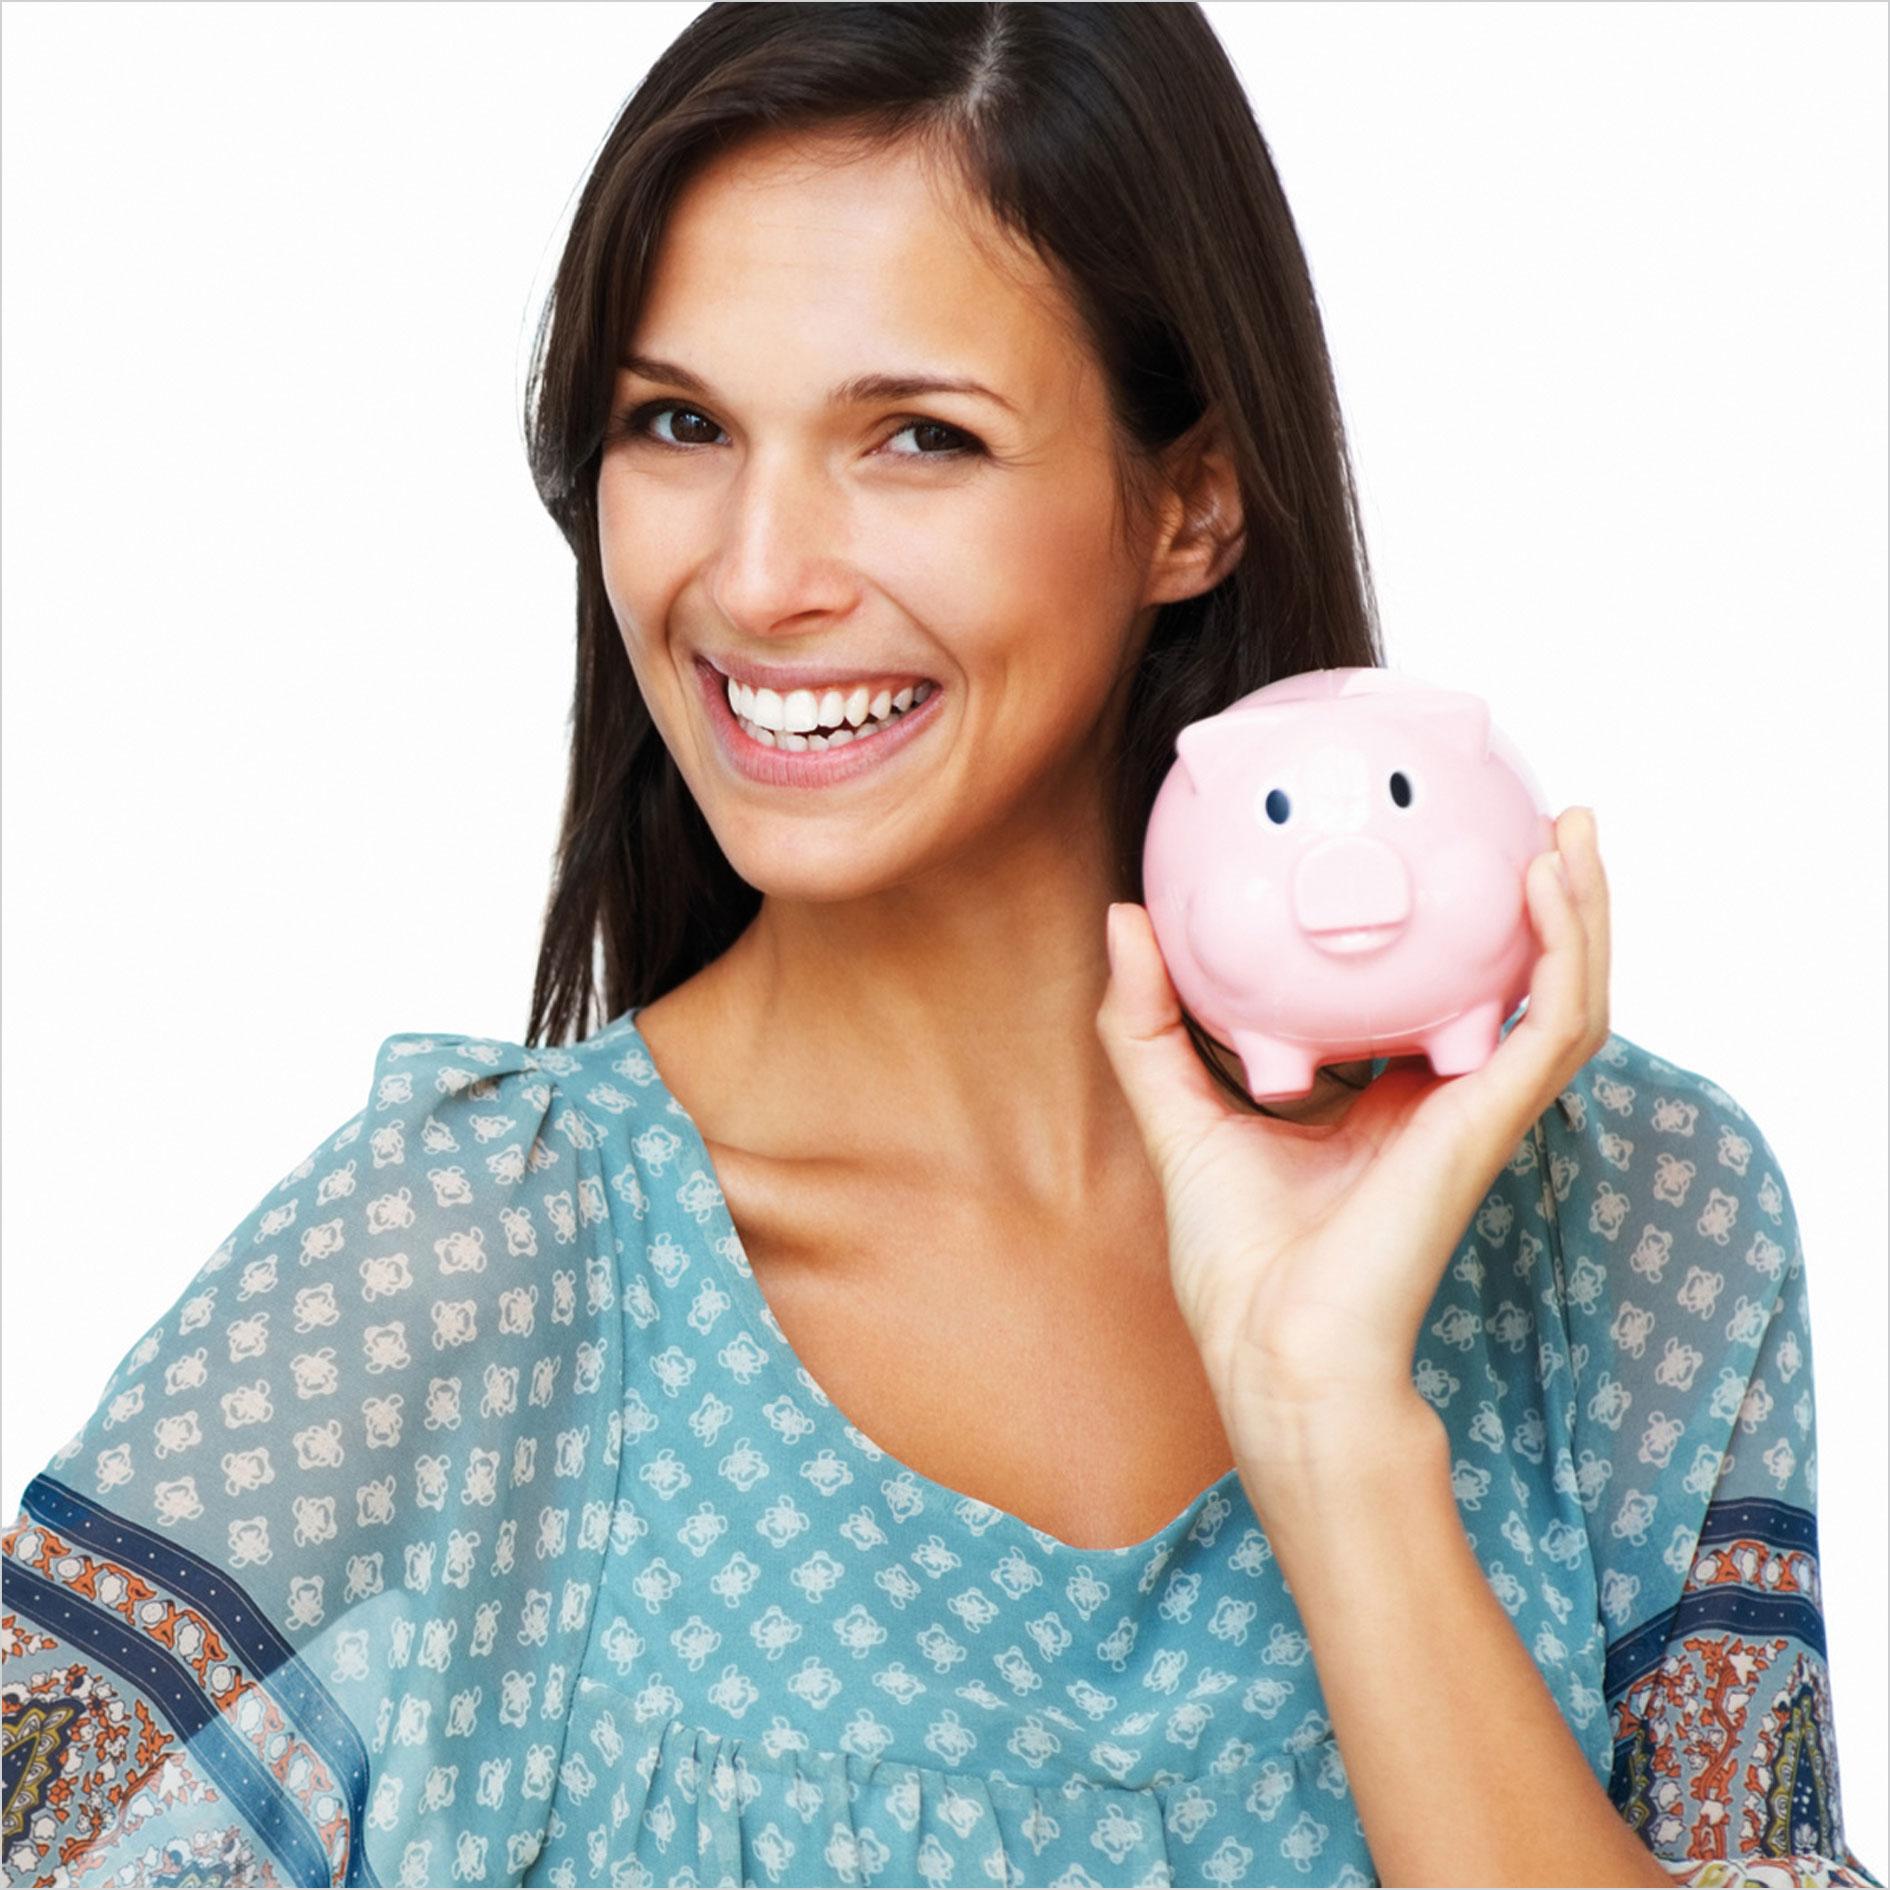 Frau mit Sparschwein in der Hand lächelt